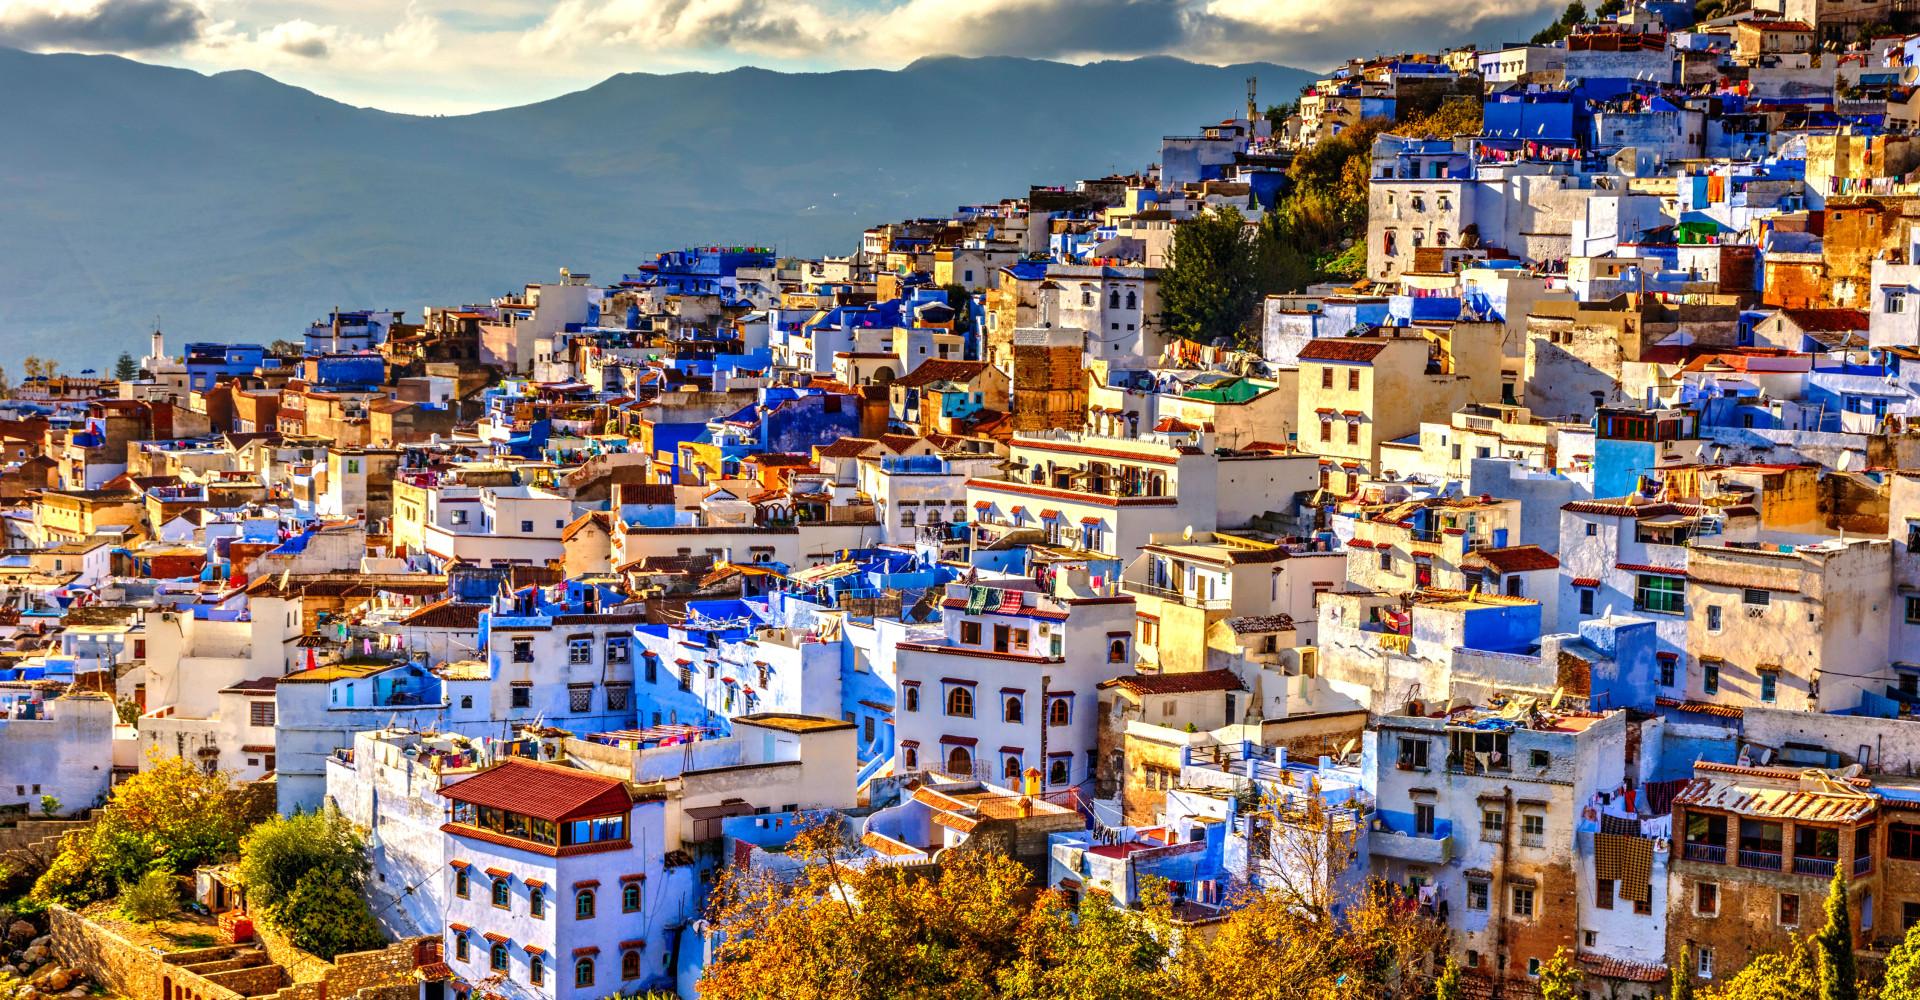 Maroc: les plus belles merveilles du royaume